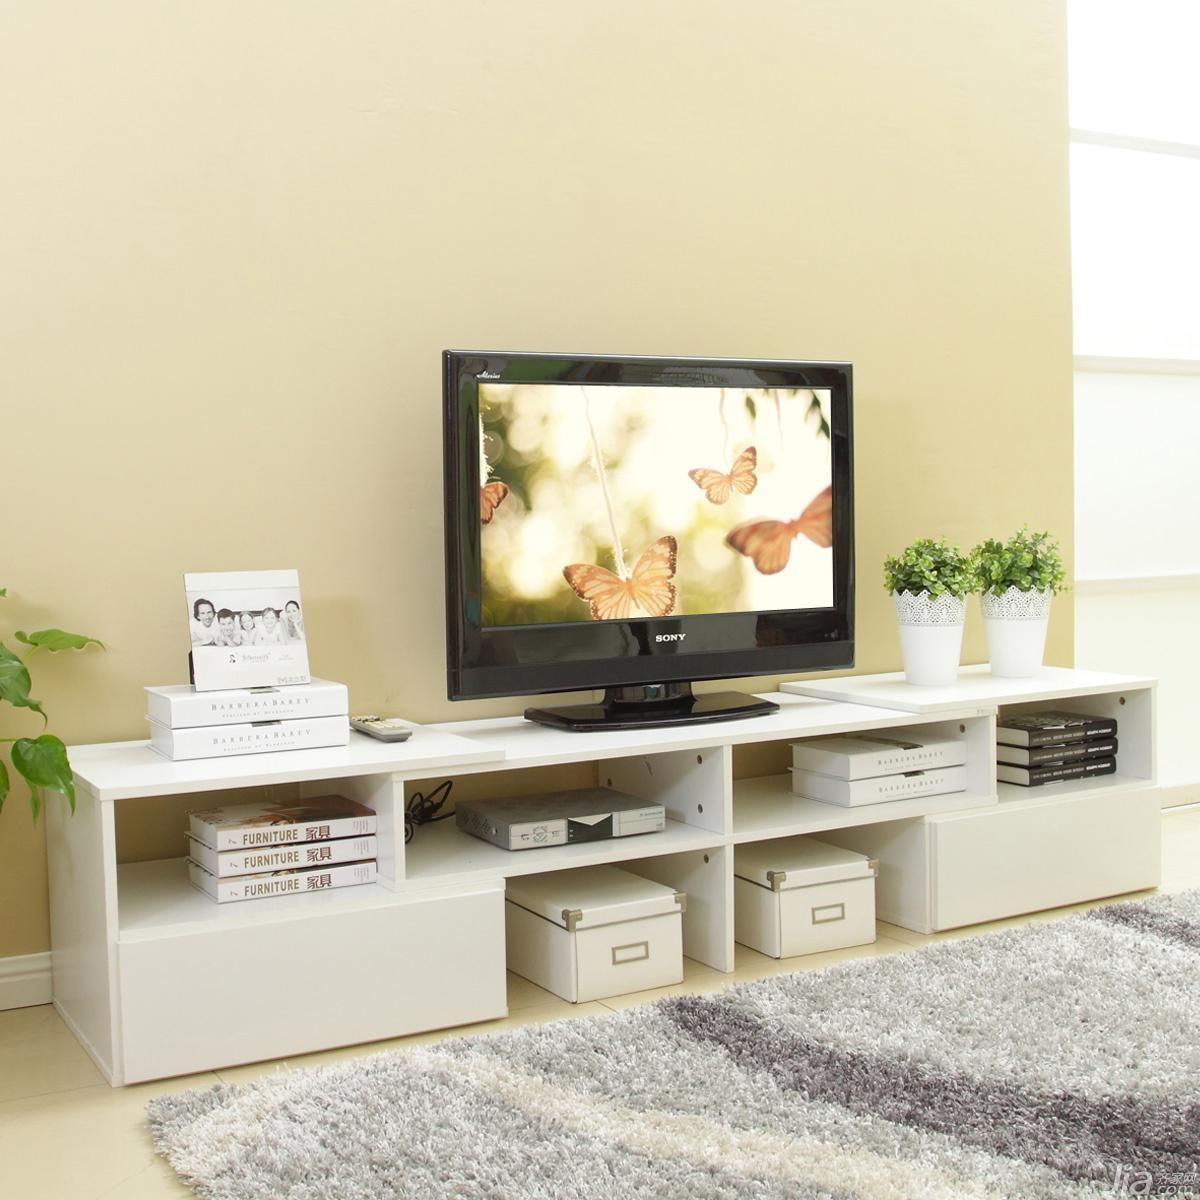 家具材质:人造板,柜门款式:其他,风格(新):现代简约,柜类分类:电视柜图片